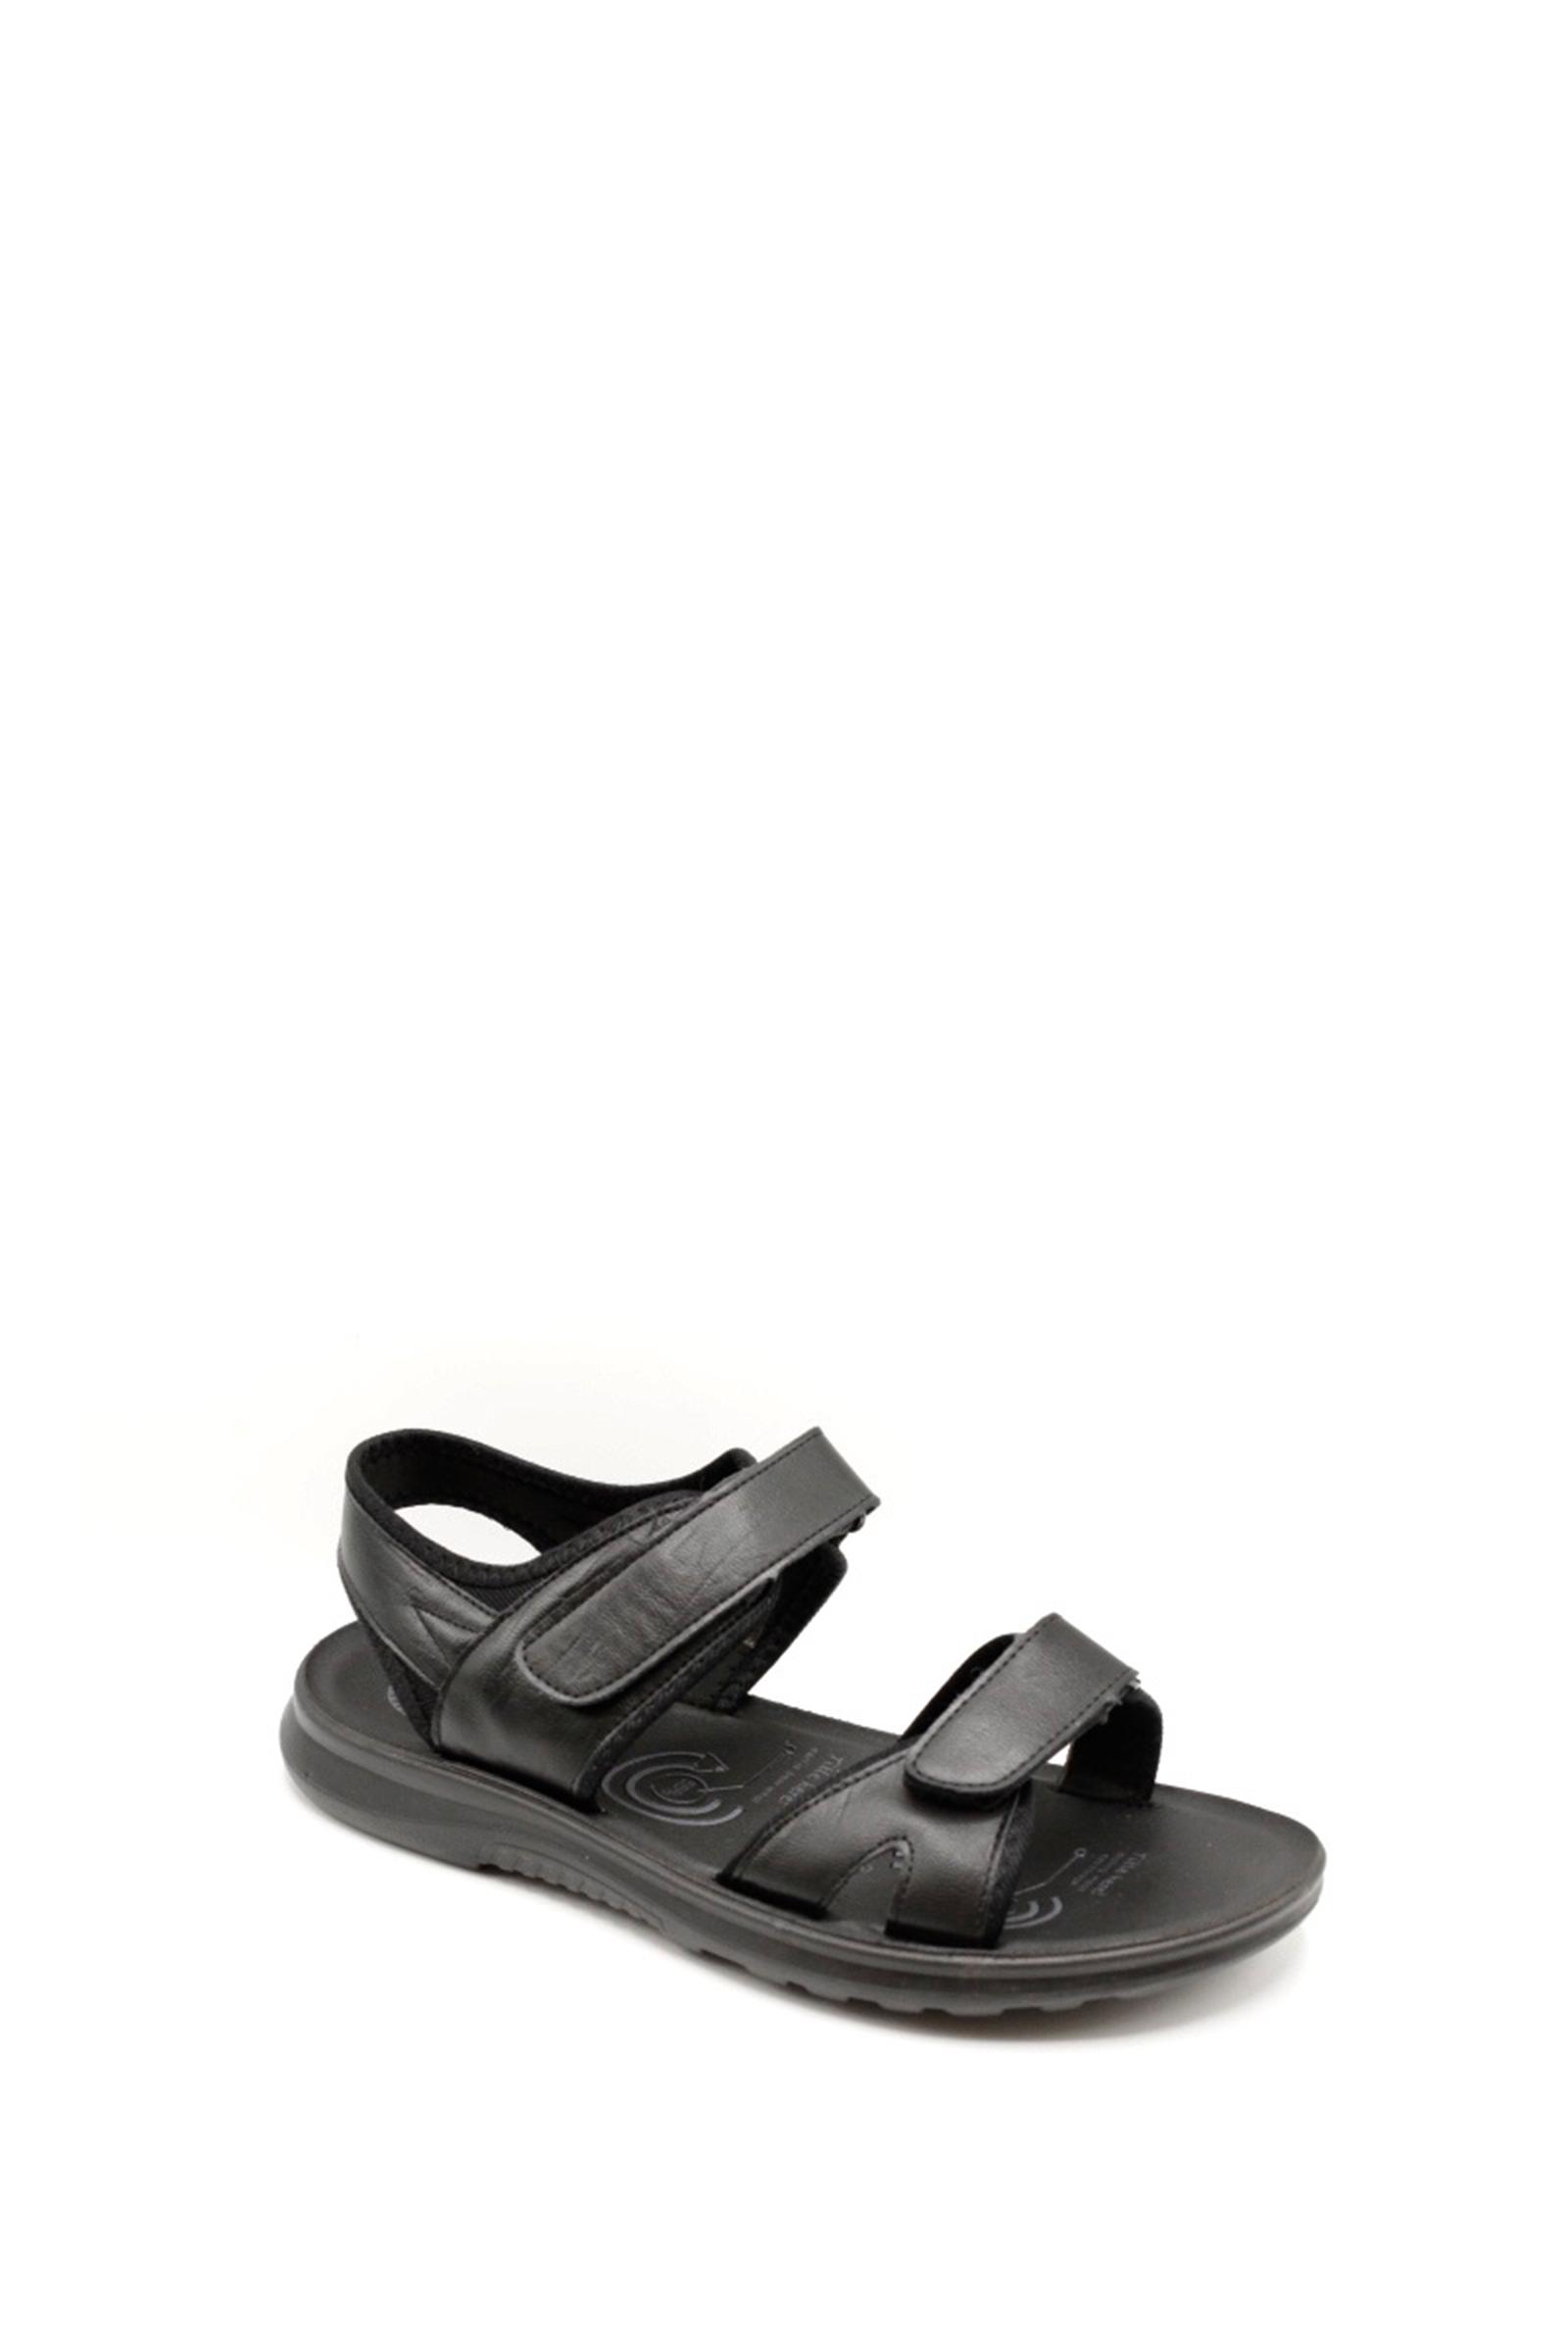 Sandales Chaussures Noir ELONG SHOES A02 #c eFashion Paris